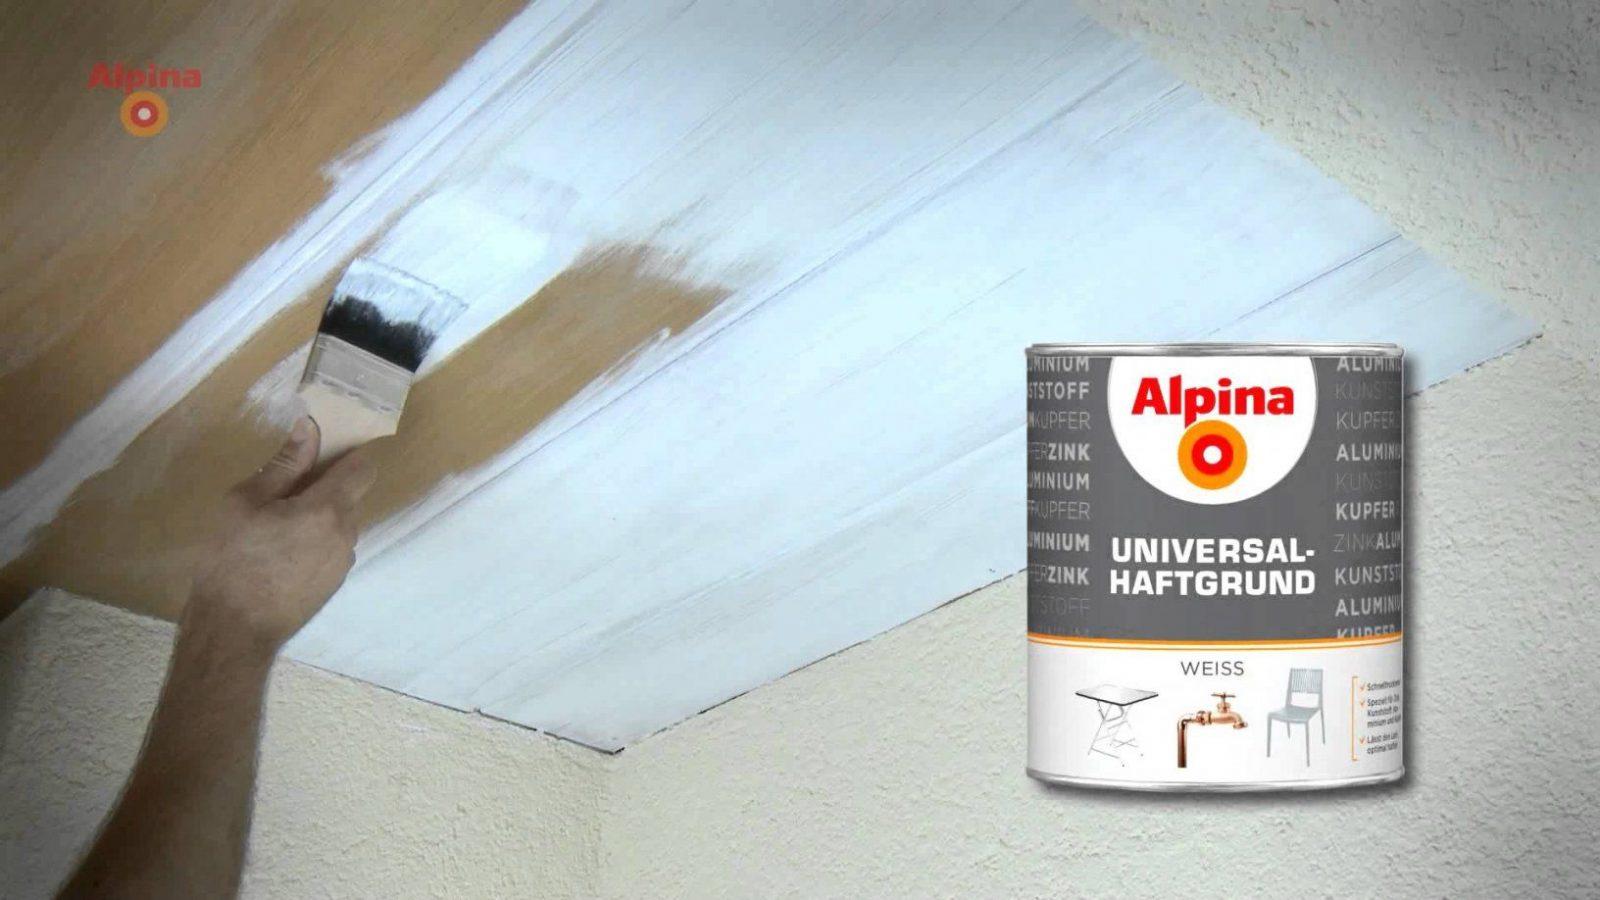 Alpina Farben  Holzdecke Lackieren  Youtube von Holzdecke Weiß Streichen Ohne Abschleifen Bild